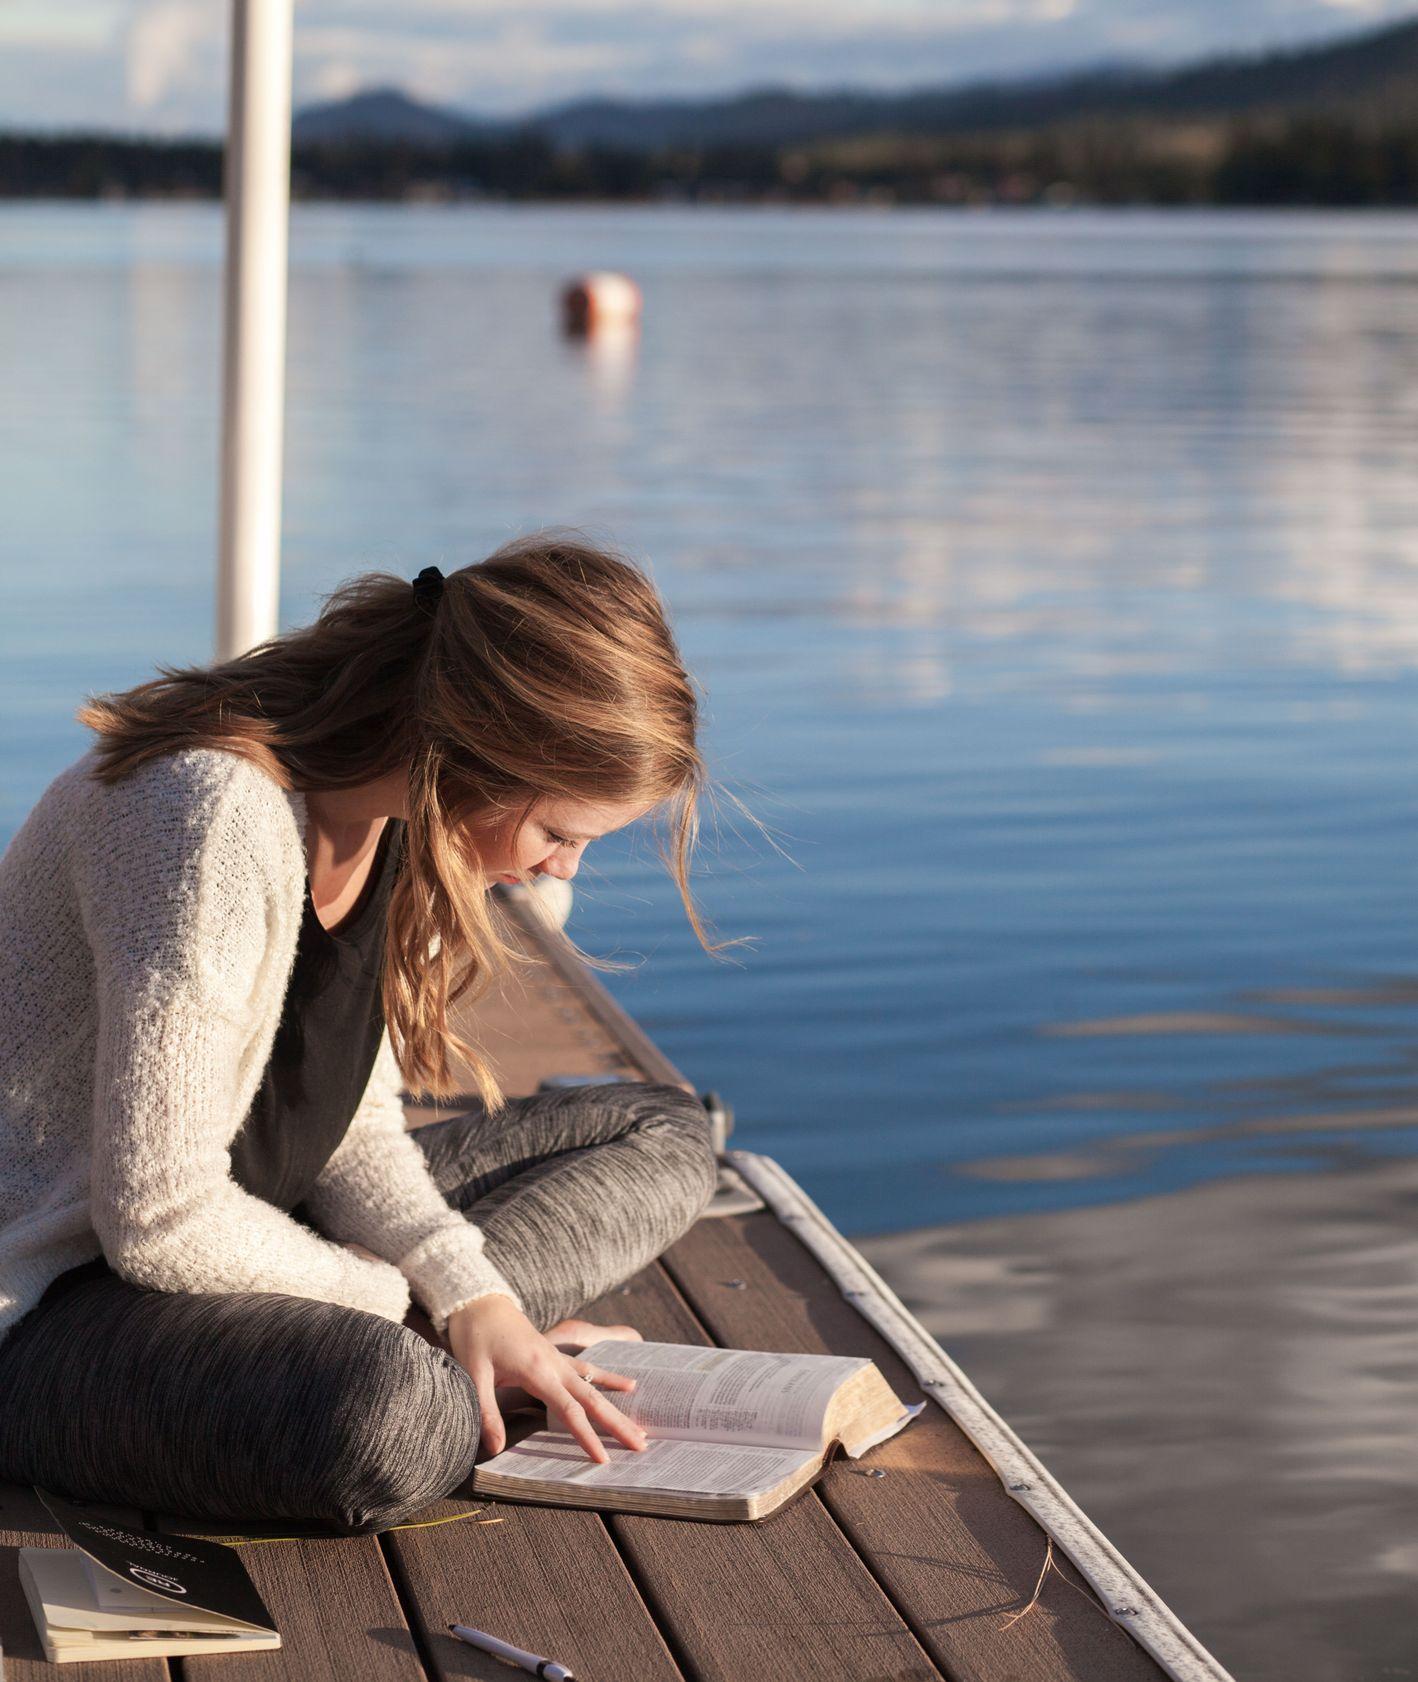 Kobieta czytająca książkę nad jeziorem, sierpniowe aktywności, czytanie książki w plenerze (fot. Bethany Laird / unsplush.com)